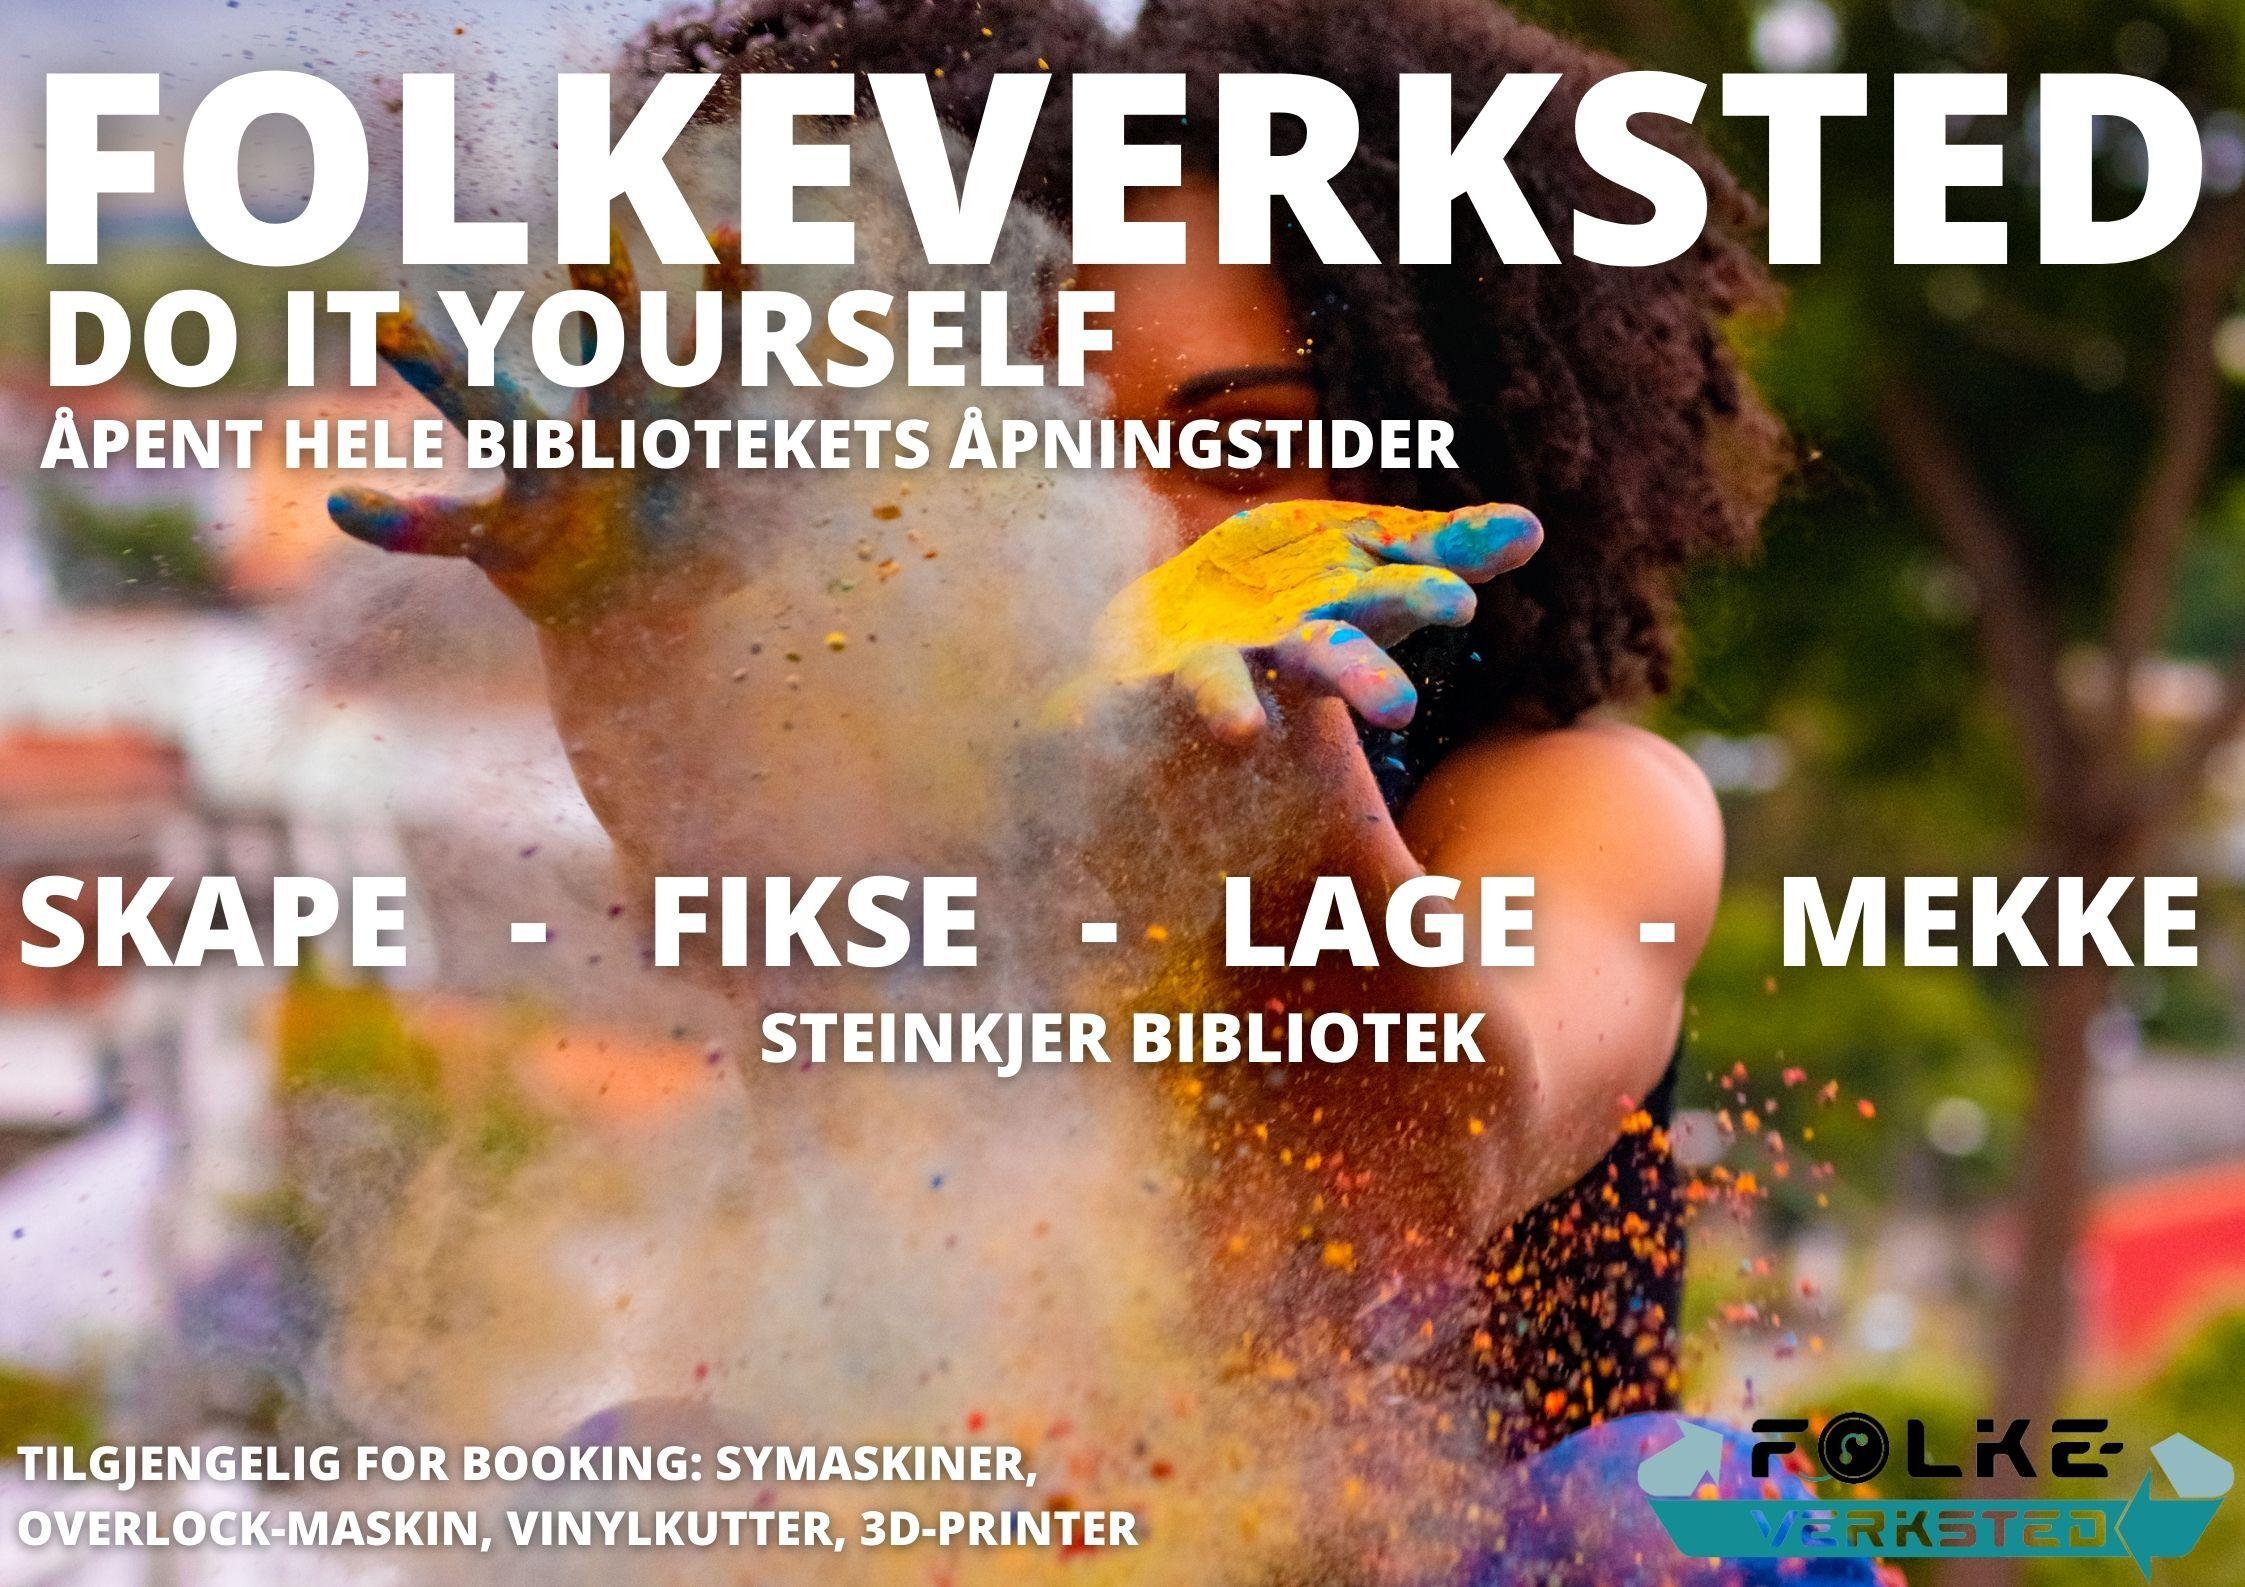 FOLKEVERKSTED DIY (4).jpg